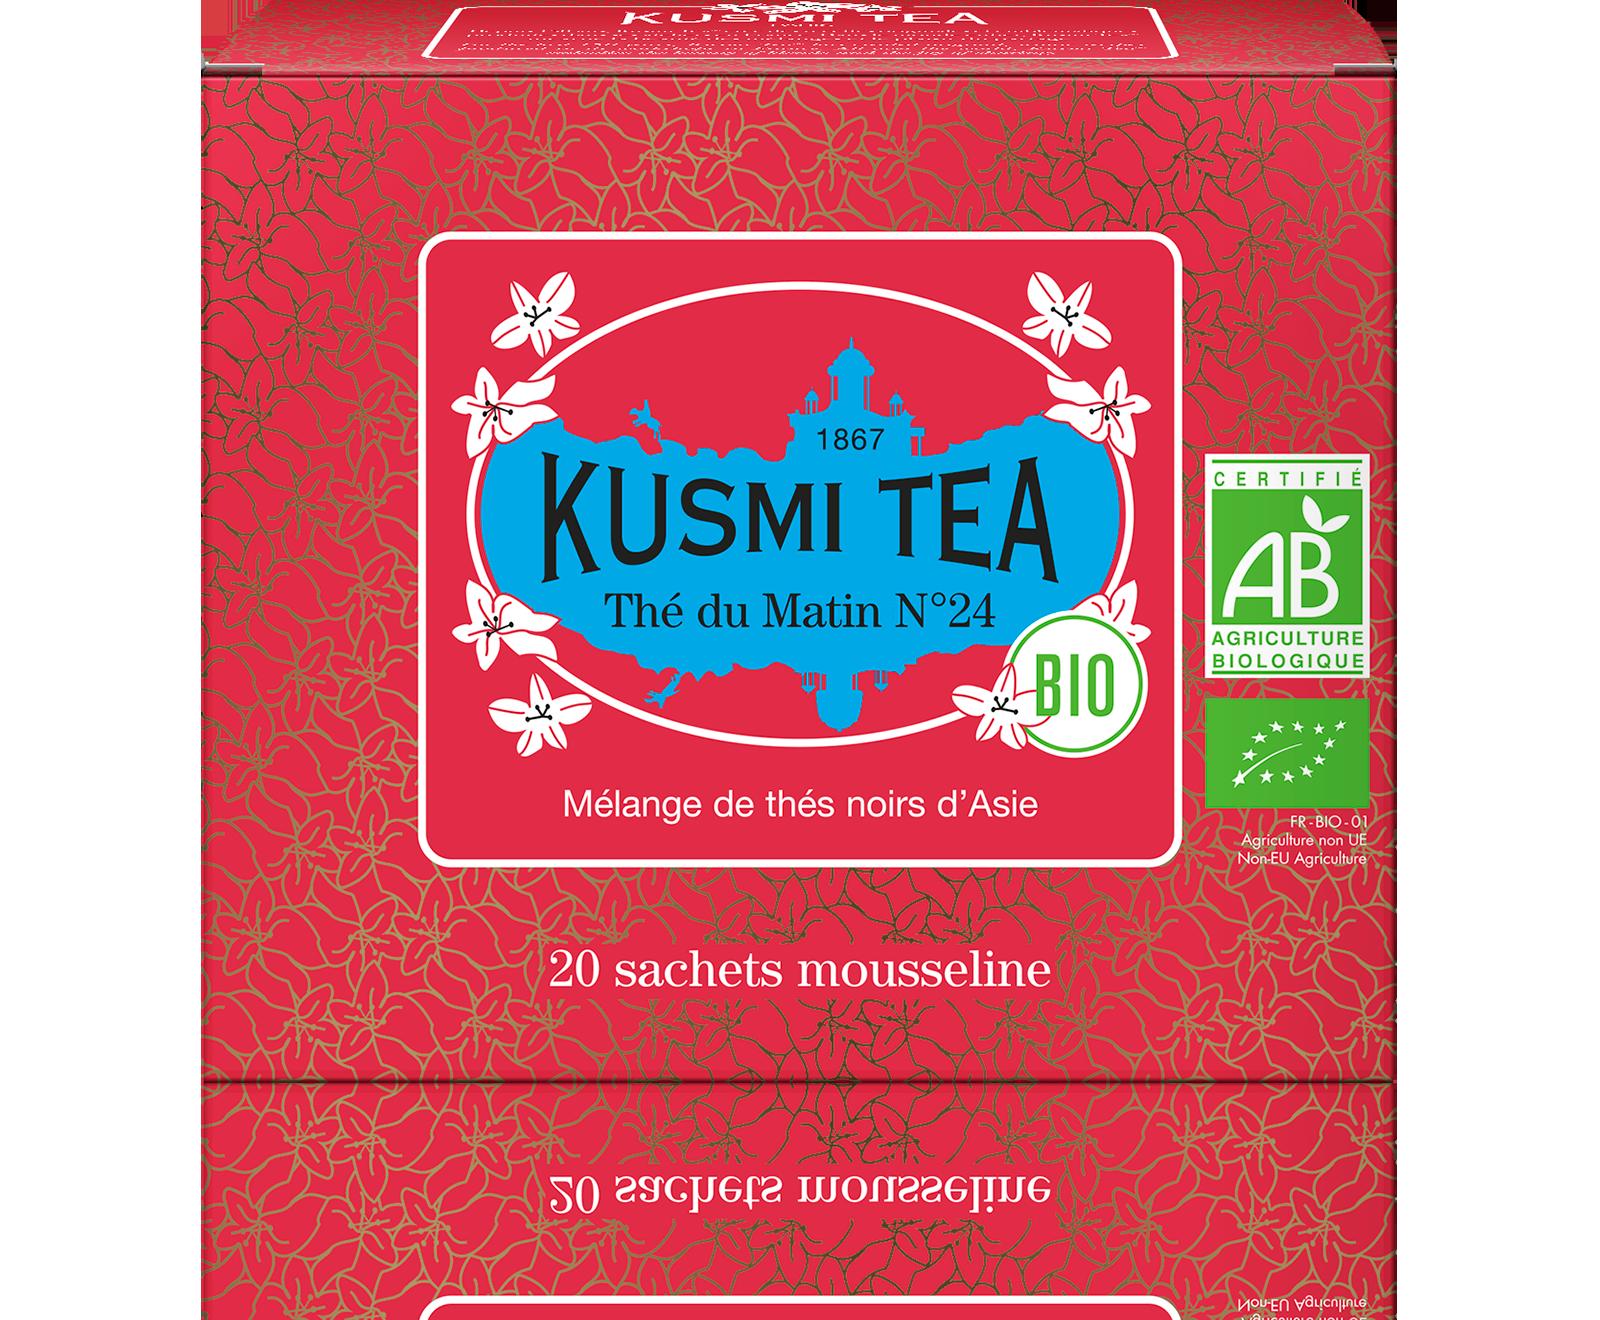 Thé noir sachet - Thé du matin N°24 Bio - Kusmi Tea